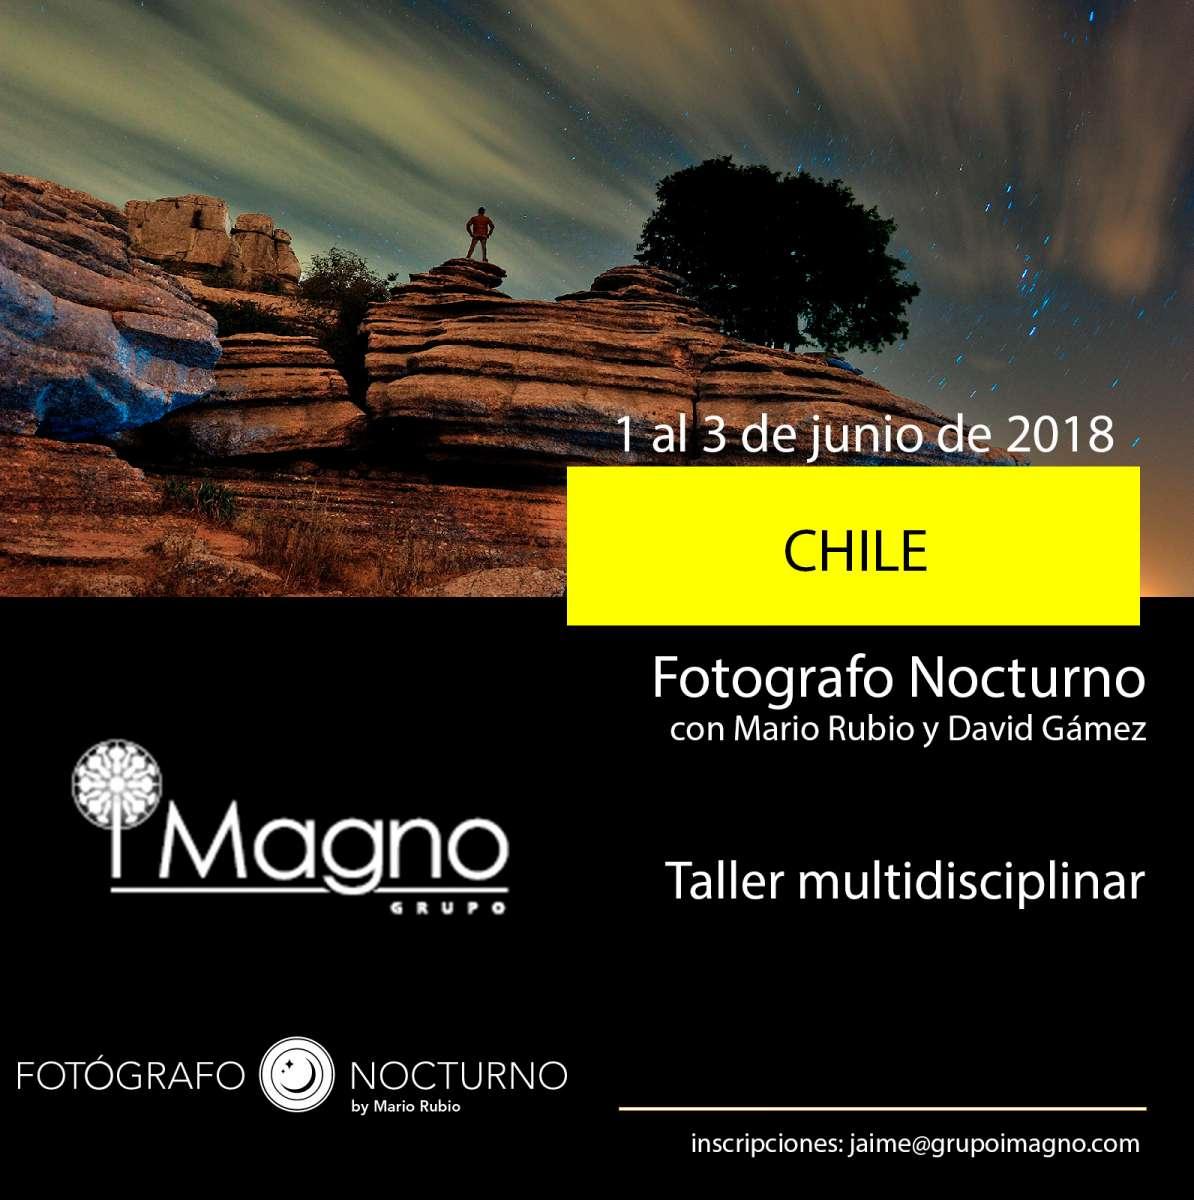 Fotógrafo Nocturno vuelve a Chile, 1 al 3 de junio 2018 9